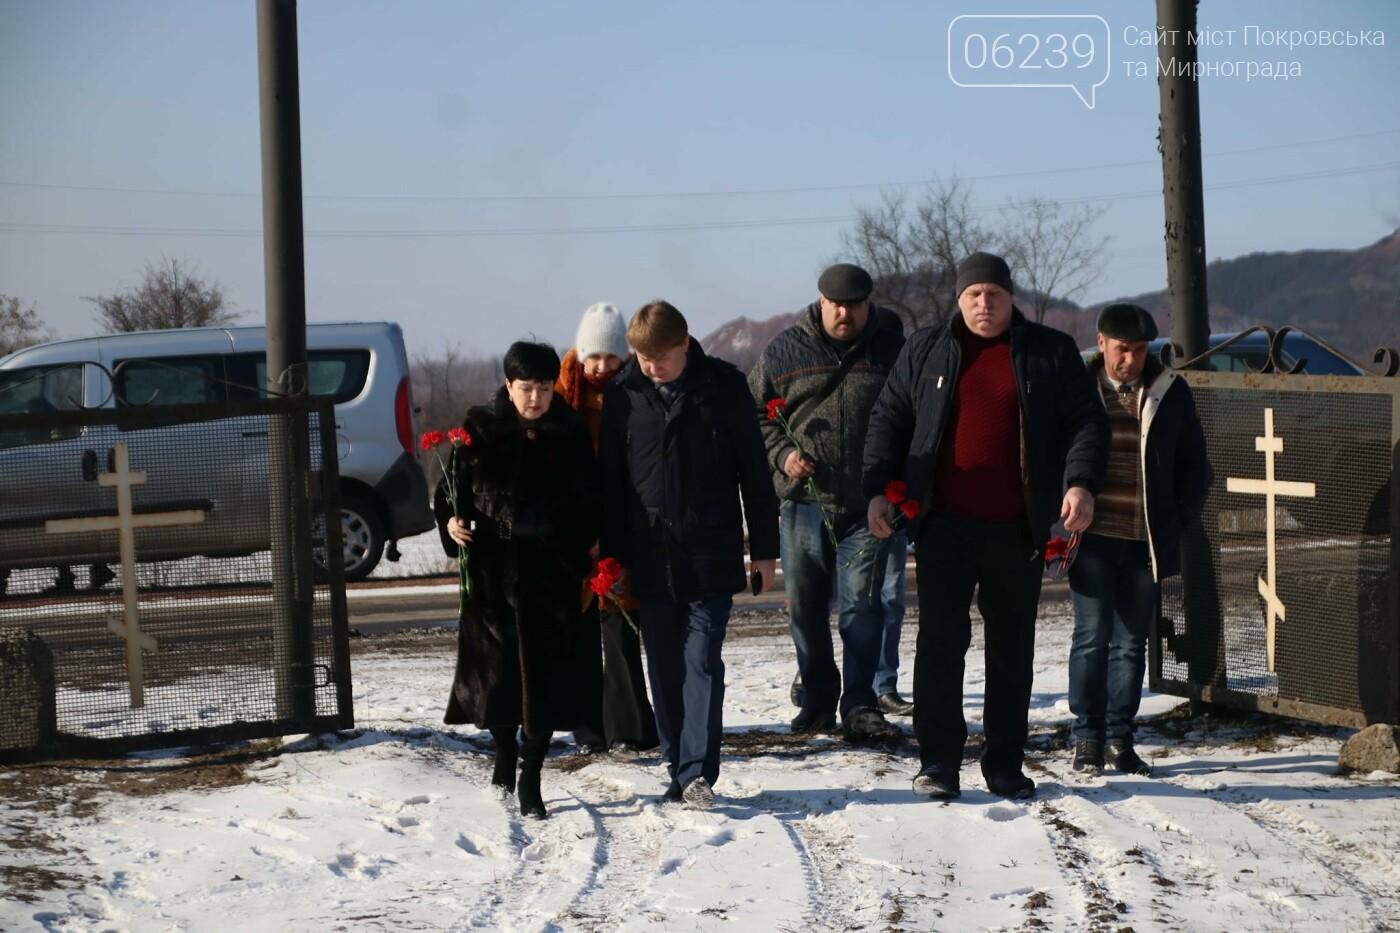 В Покровске и Мирнограде отметили 32-ю годовщину вывода войск из Афганистана, фото-30